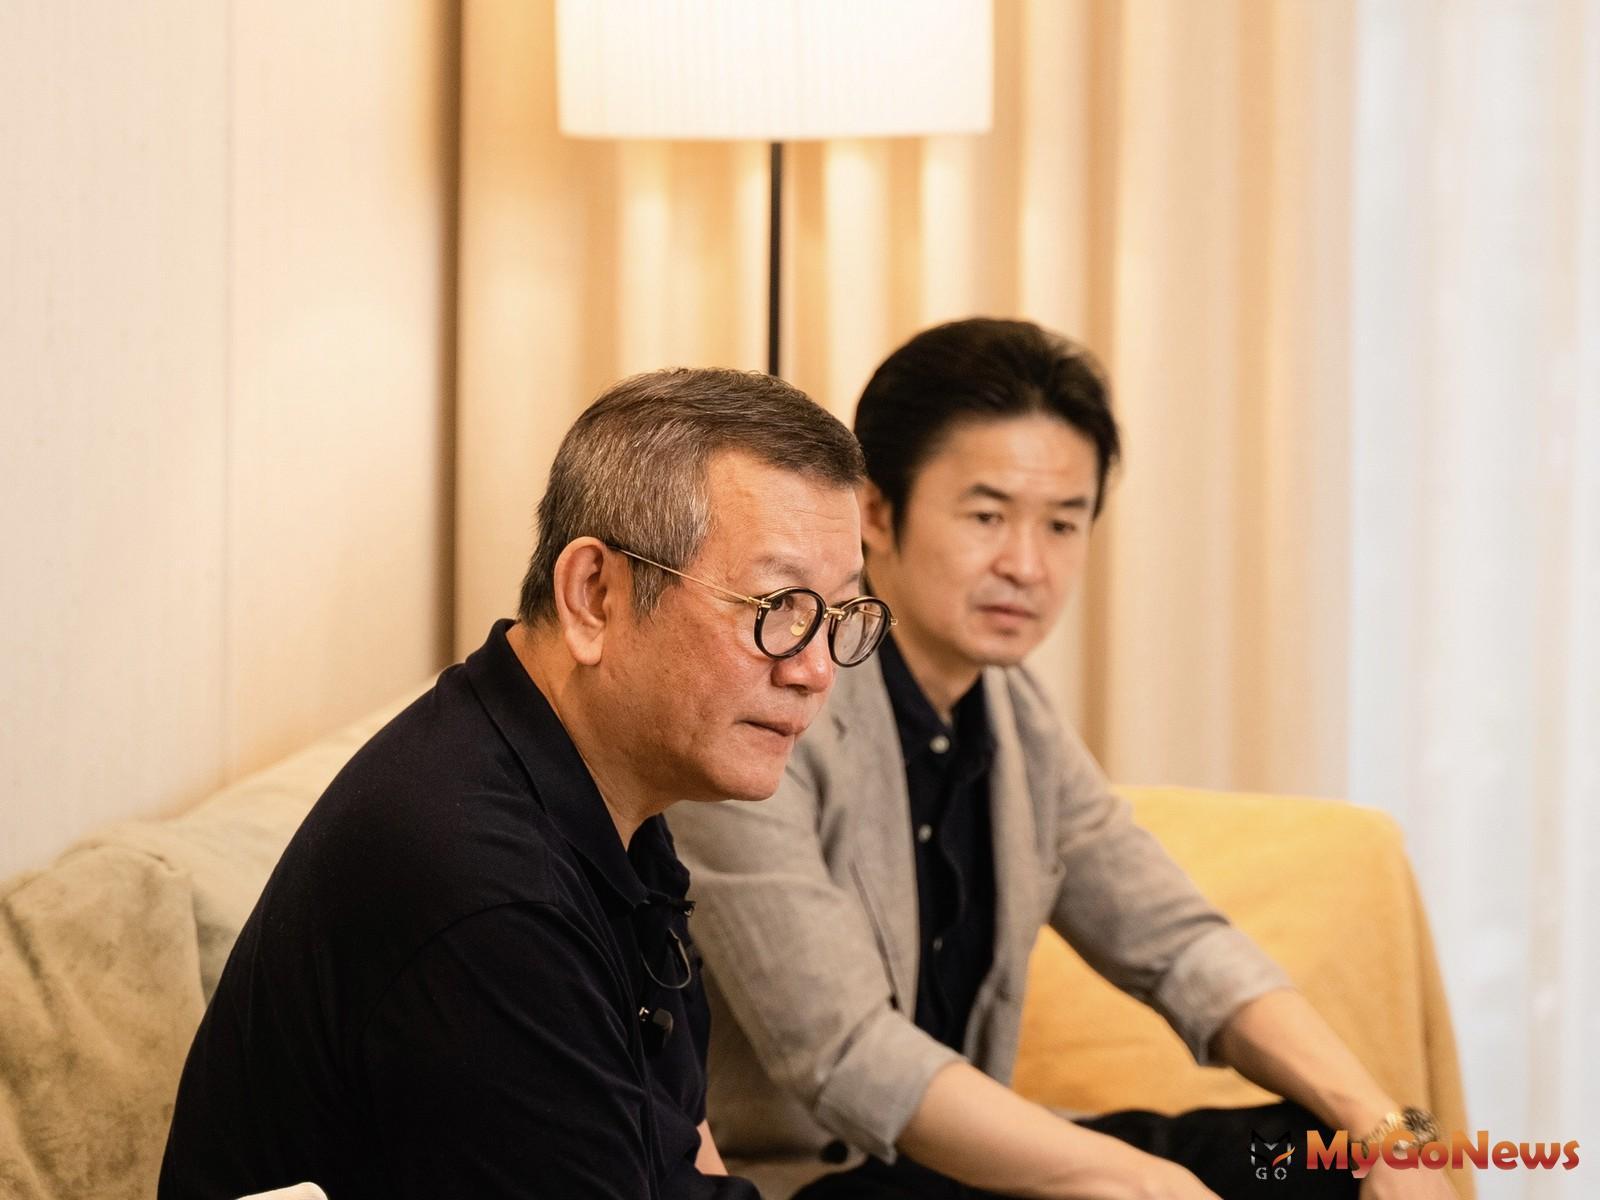 璞園建築團隊董事長李忠恕(左)與Panasonic總經理真下宗治(右)。(圖/業者提供) MyGoNews房地產新聞 熱銷推案